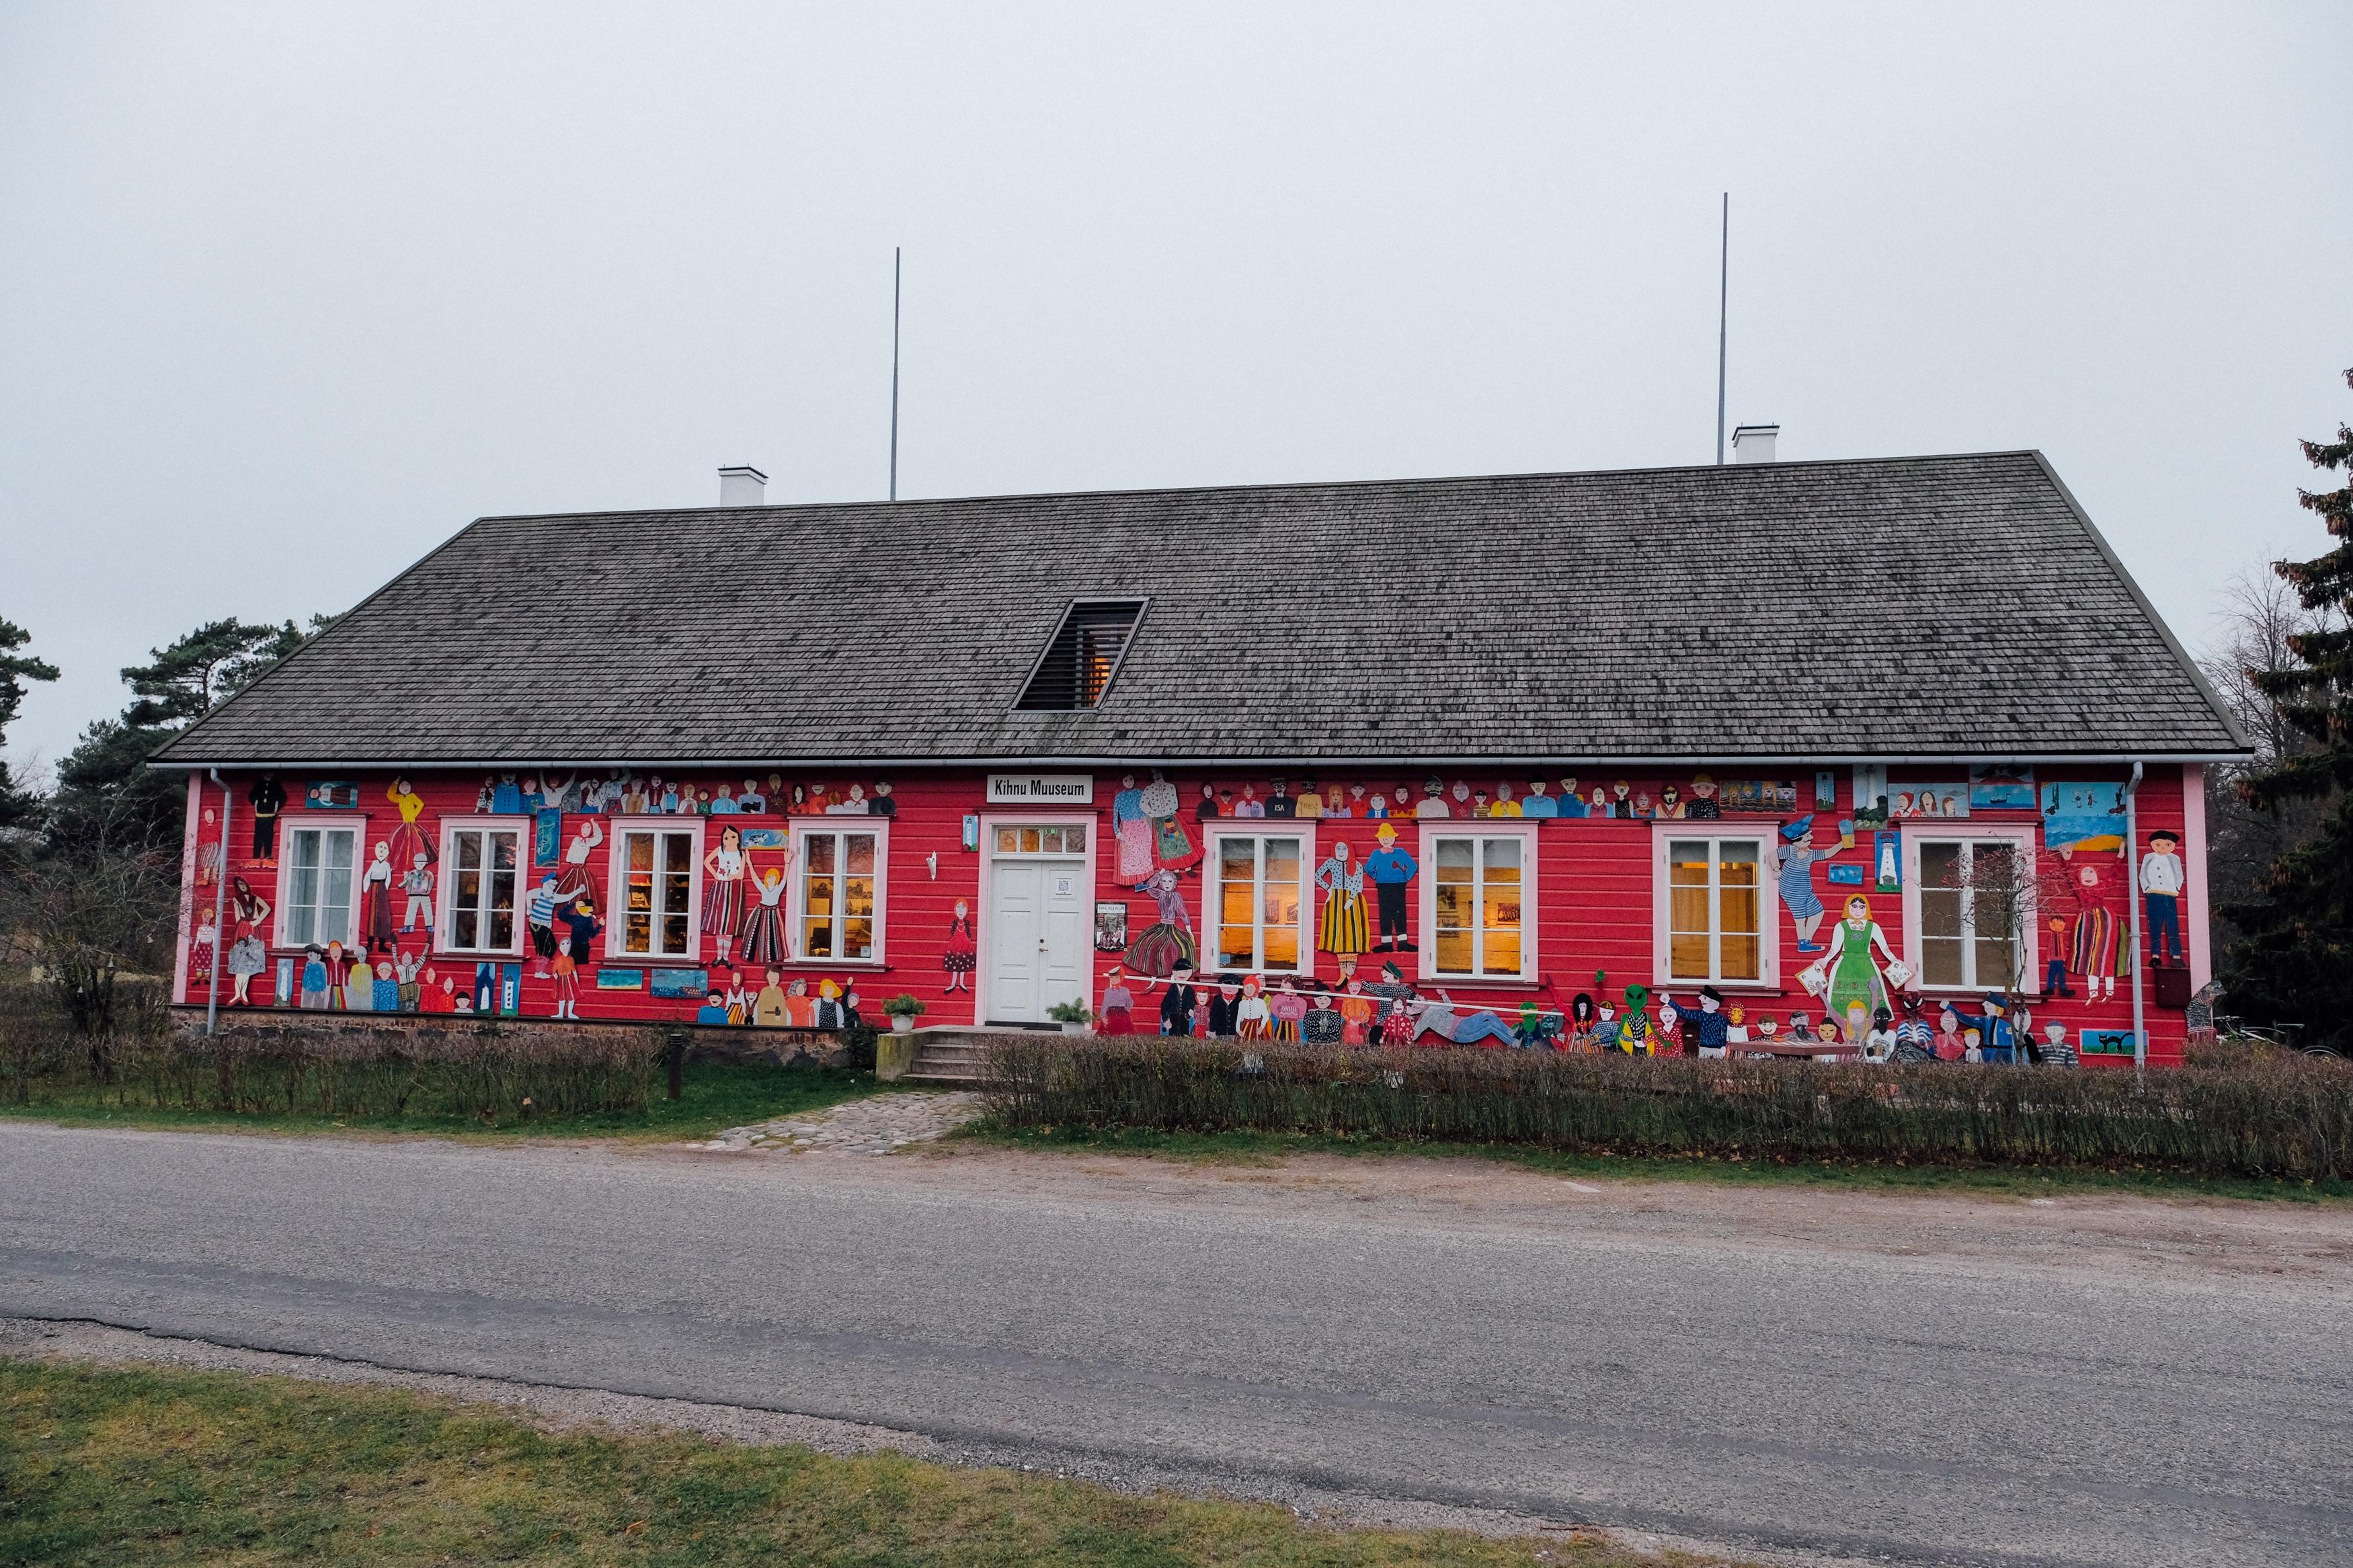 تعتمد جزيرة كينو الإستونية على صيد الأسماك